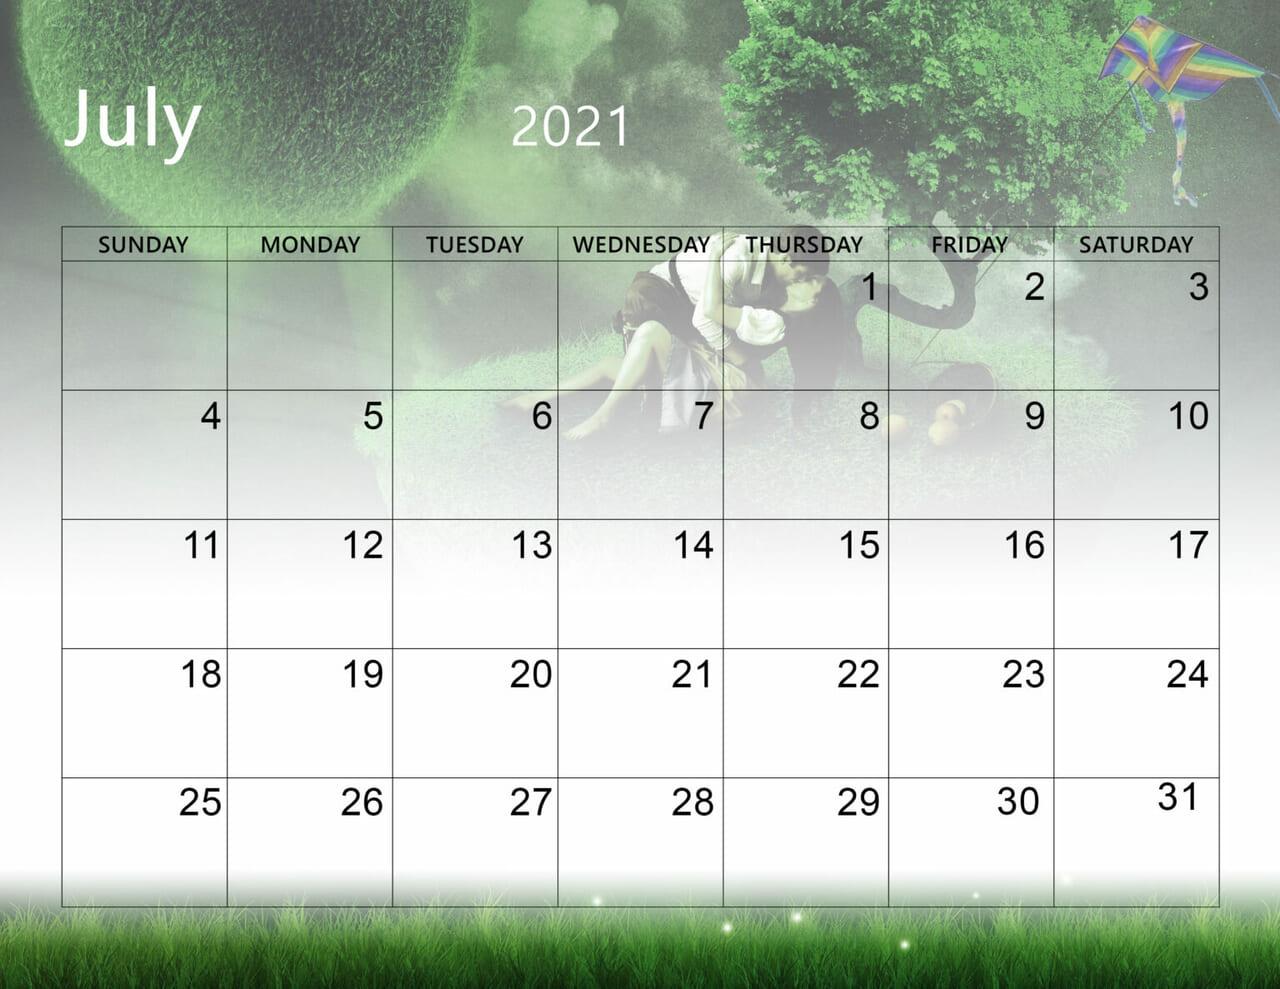 Inspirational July 2021 Calendar Wallpaper